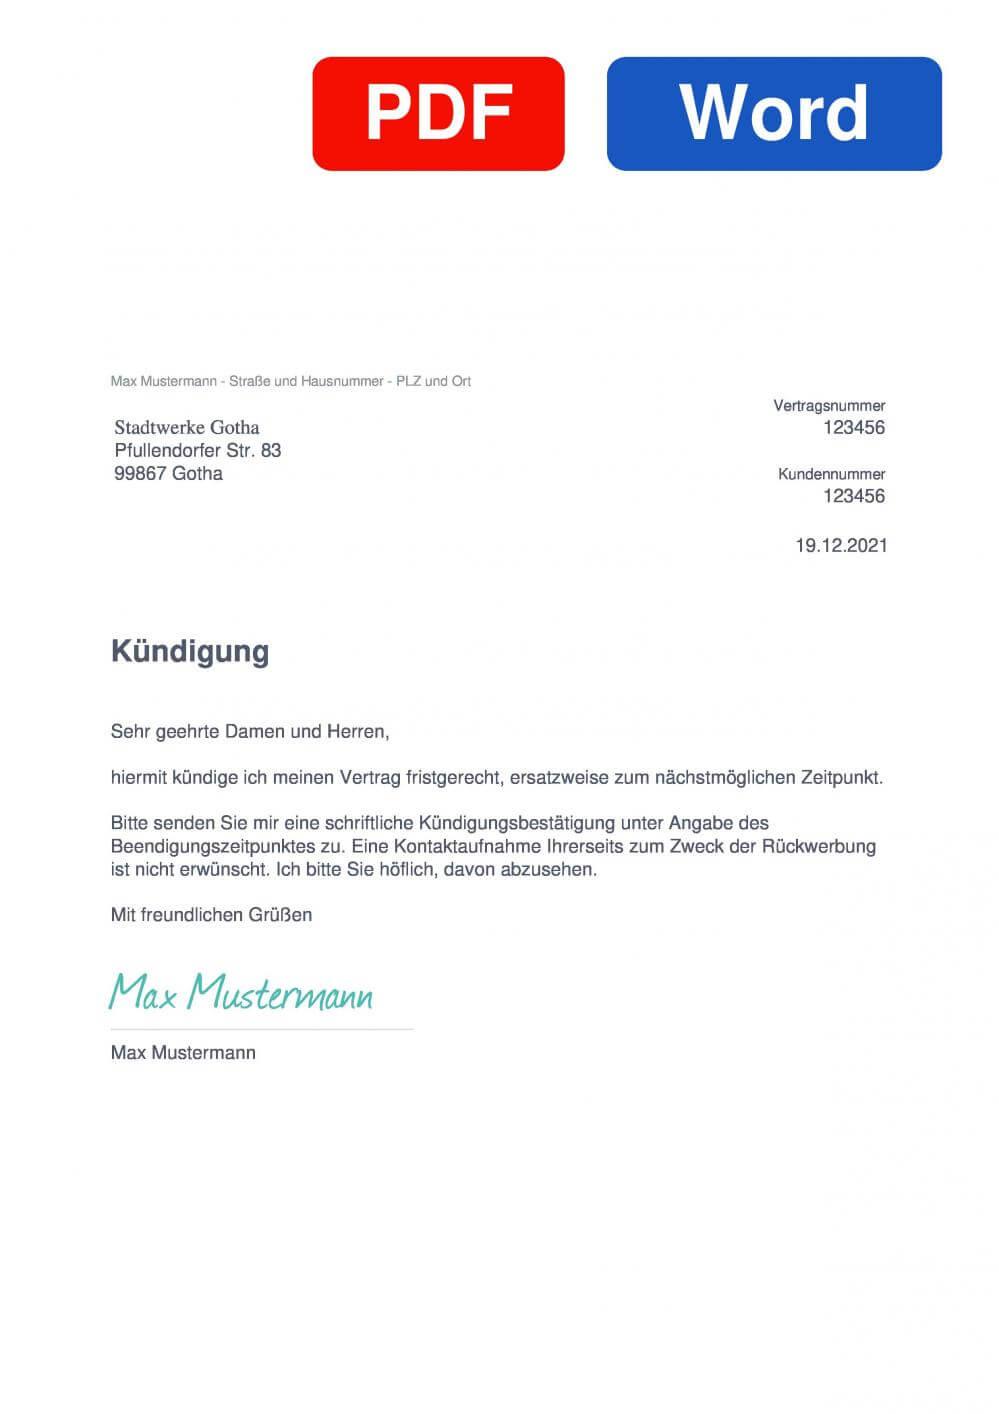 Stadtwerke Gotha Muster Vorlage für Kündigungsschreiben